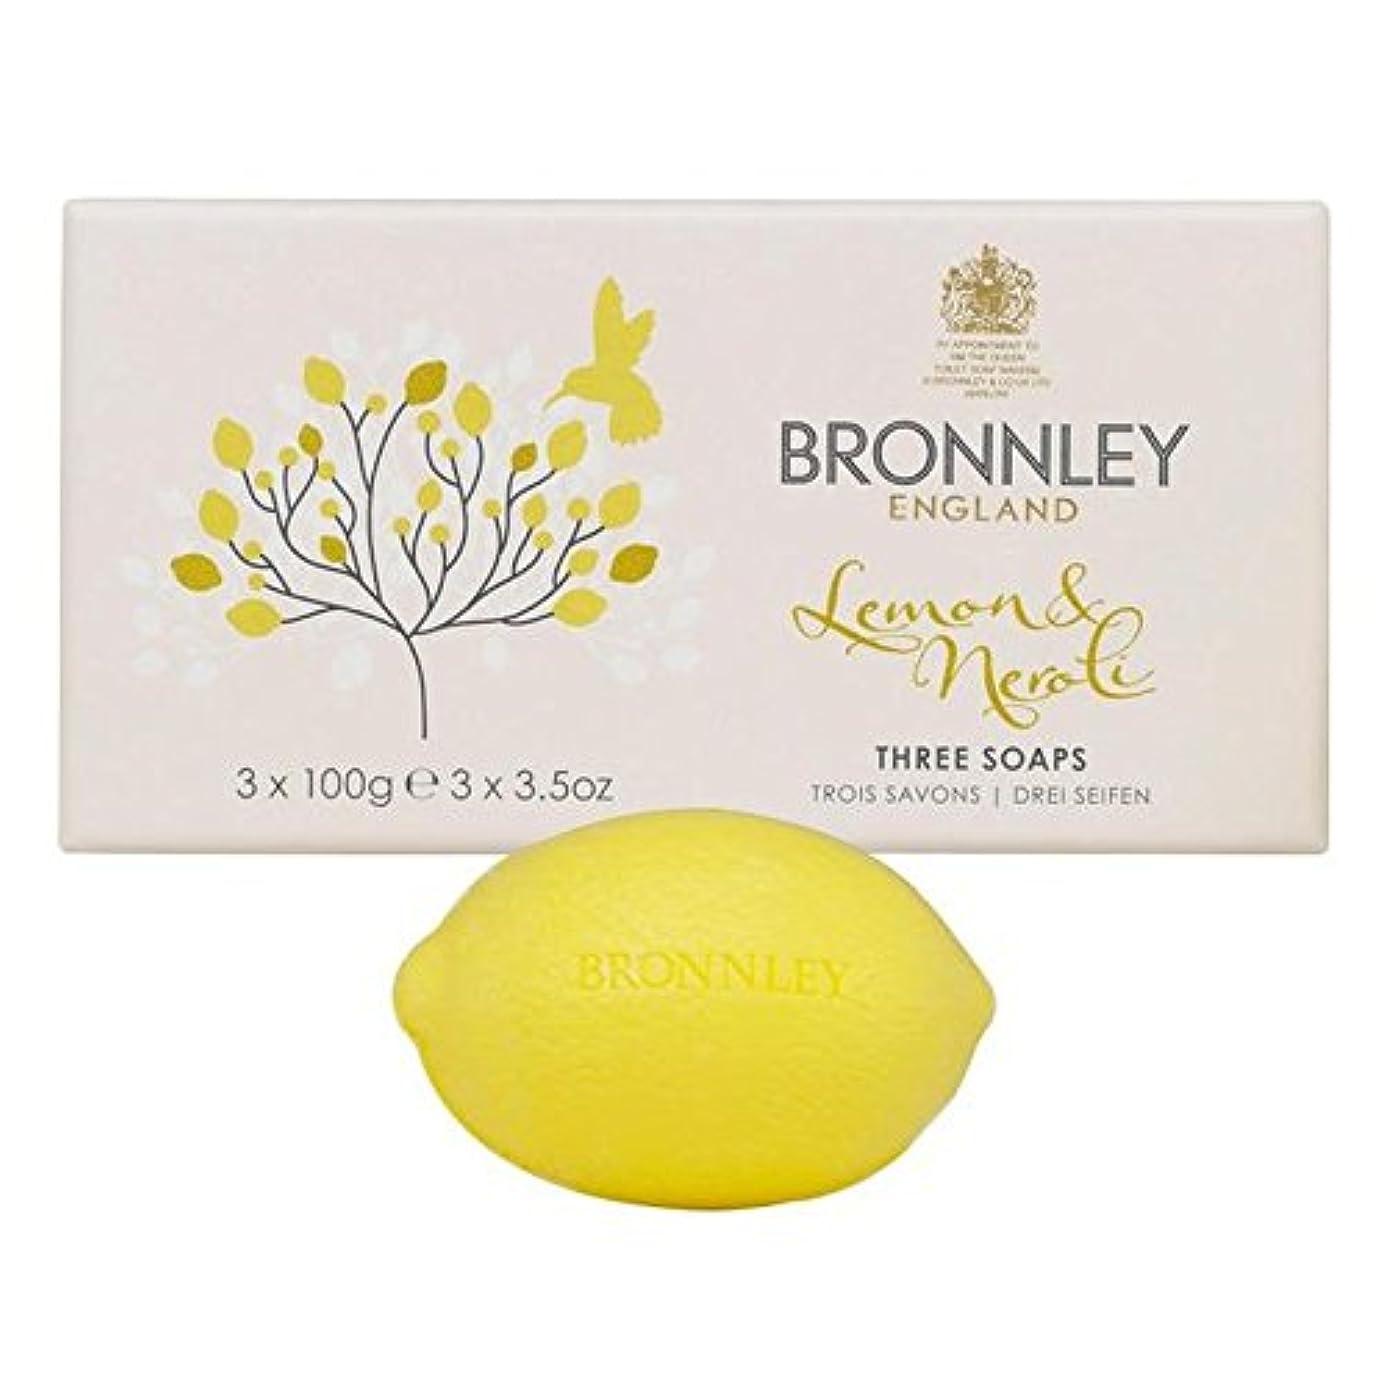 支配的ホース依存するBronnley Lemon & Neroli Soaps 3 x 100g (Pack of 6) - レモン&ネロリ石鹸3×100グラム x6 [並行輸入品]